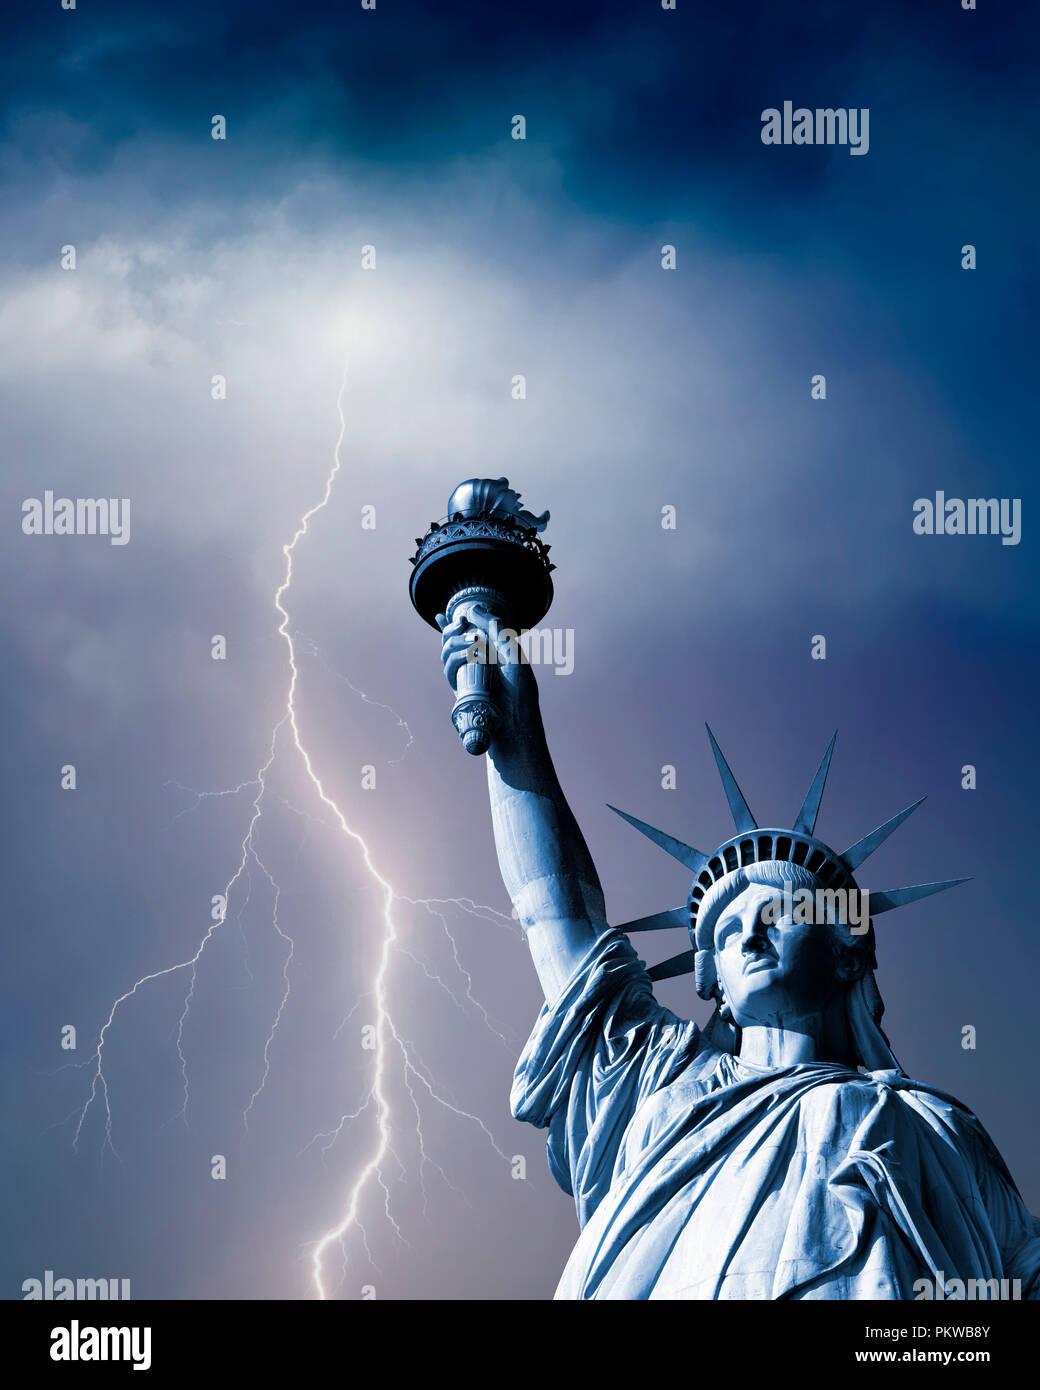 Liberty Stock Photos & Liberty Stock Images - Alamy